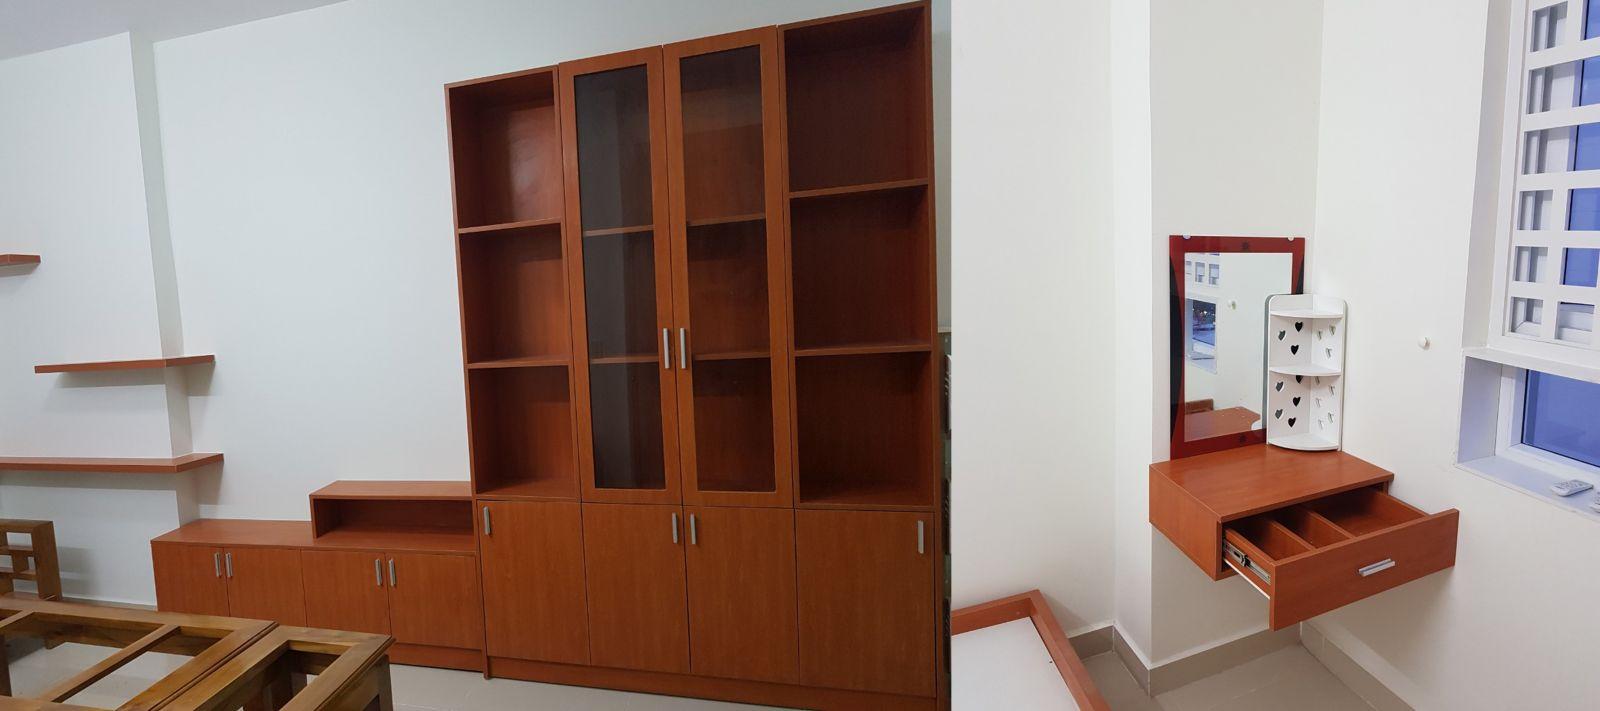 Đổi không gian nhà ở với nội thất Tấm Pima